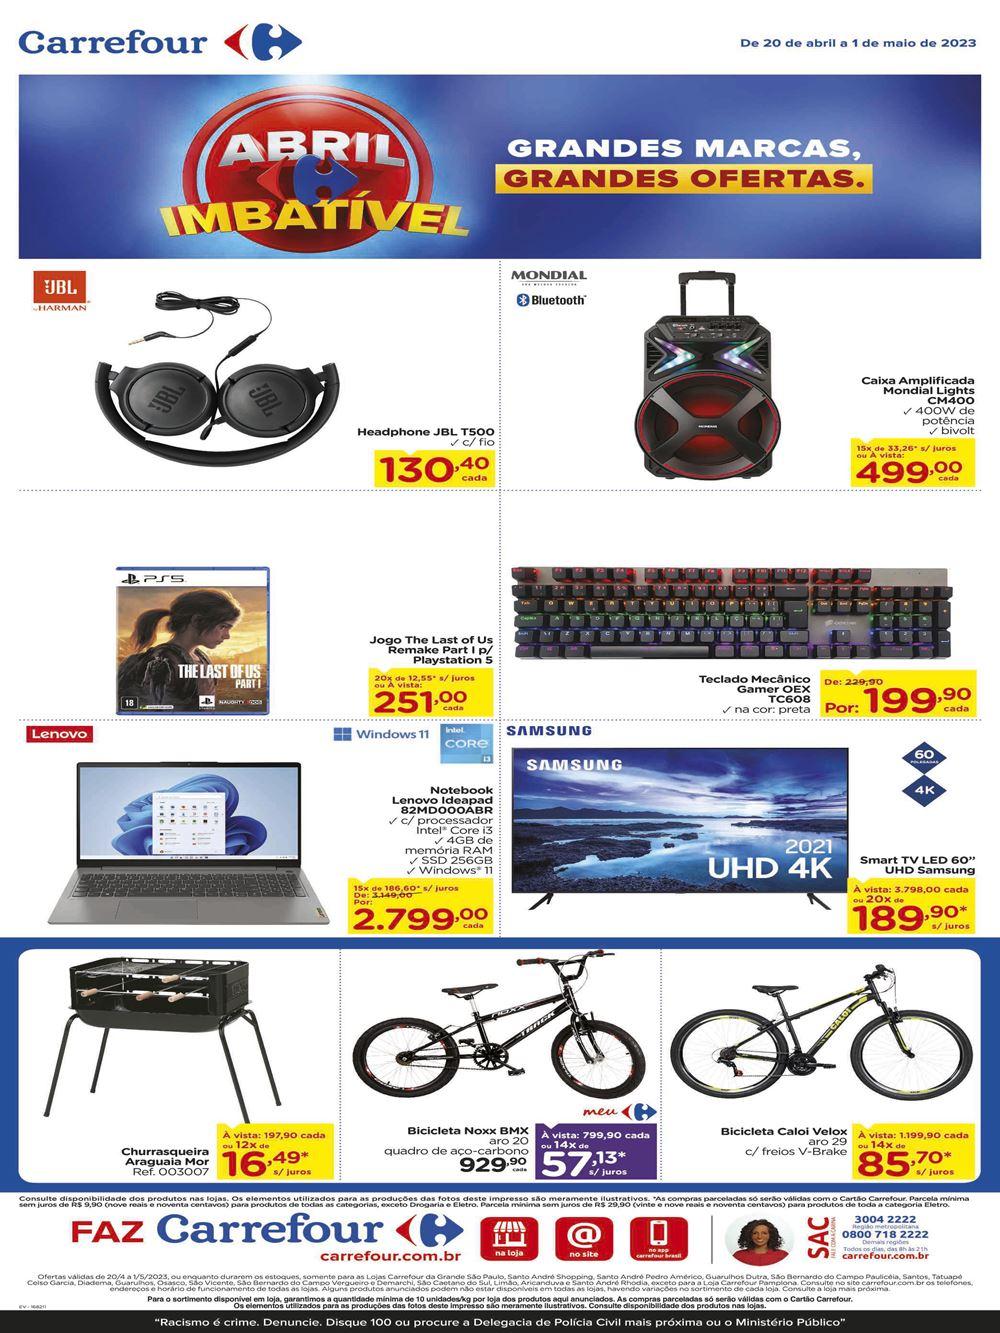 carrefour-ofertas-descontos-hoje16-10 Carrefour até 19/05